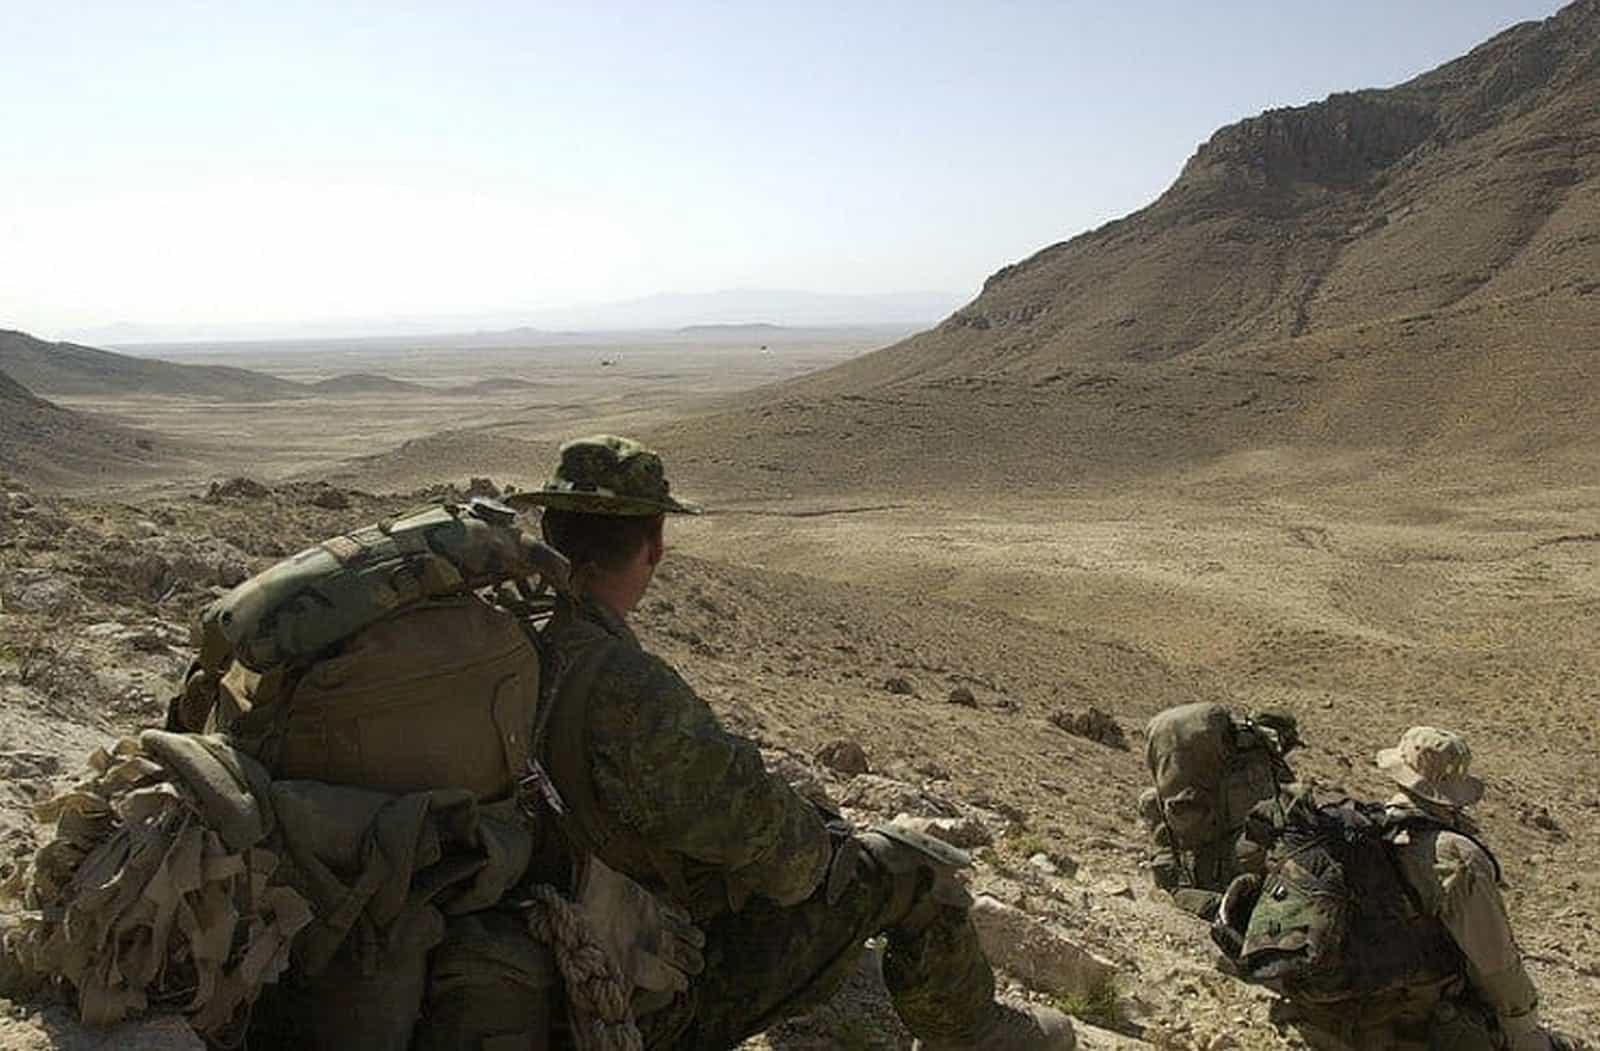 Kanadische Soldaten beteiligen sich an Auslandsmissionen wie hier in Afghanistan im Rahmen der Operation Cherokee Sky, die im Juli 2002 stattfand - U.S. Army photo by Staff Sgt. Robert Hyatt - Public Domain